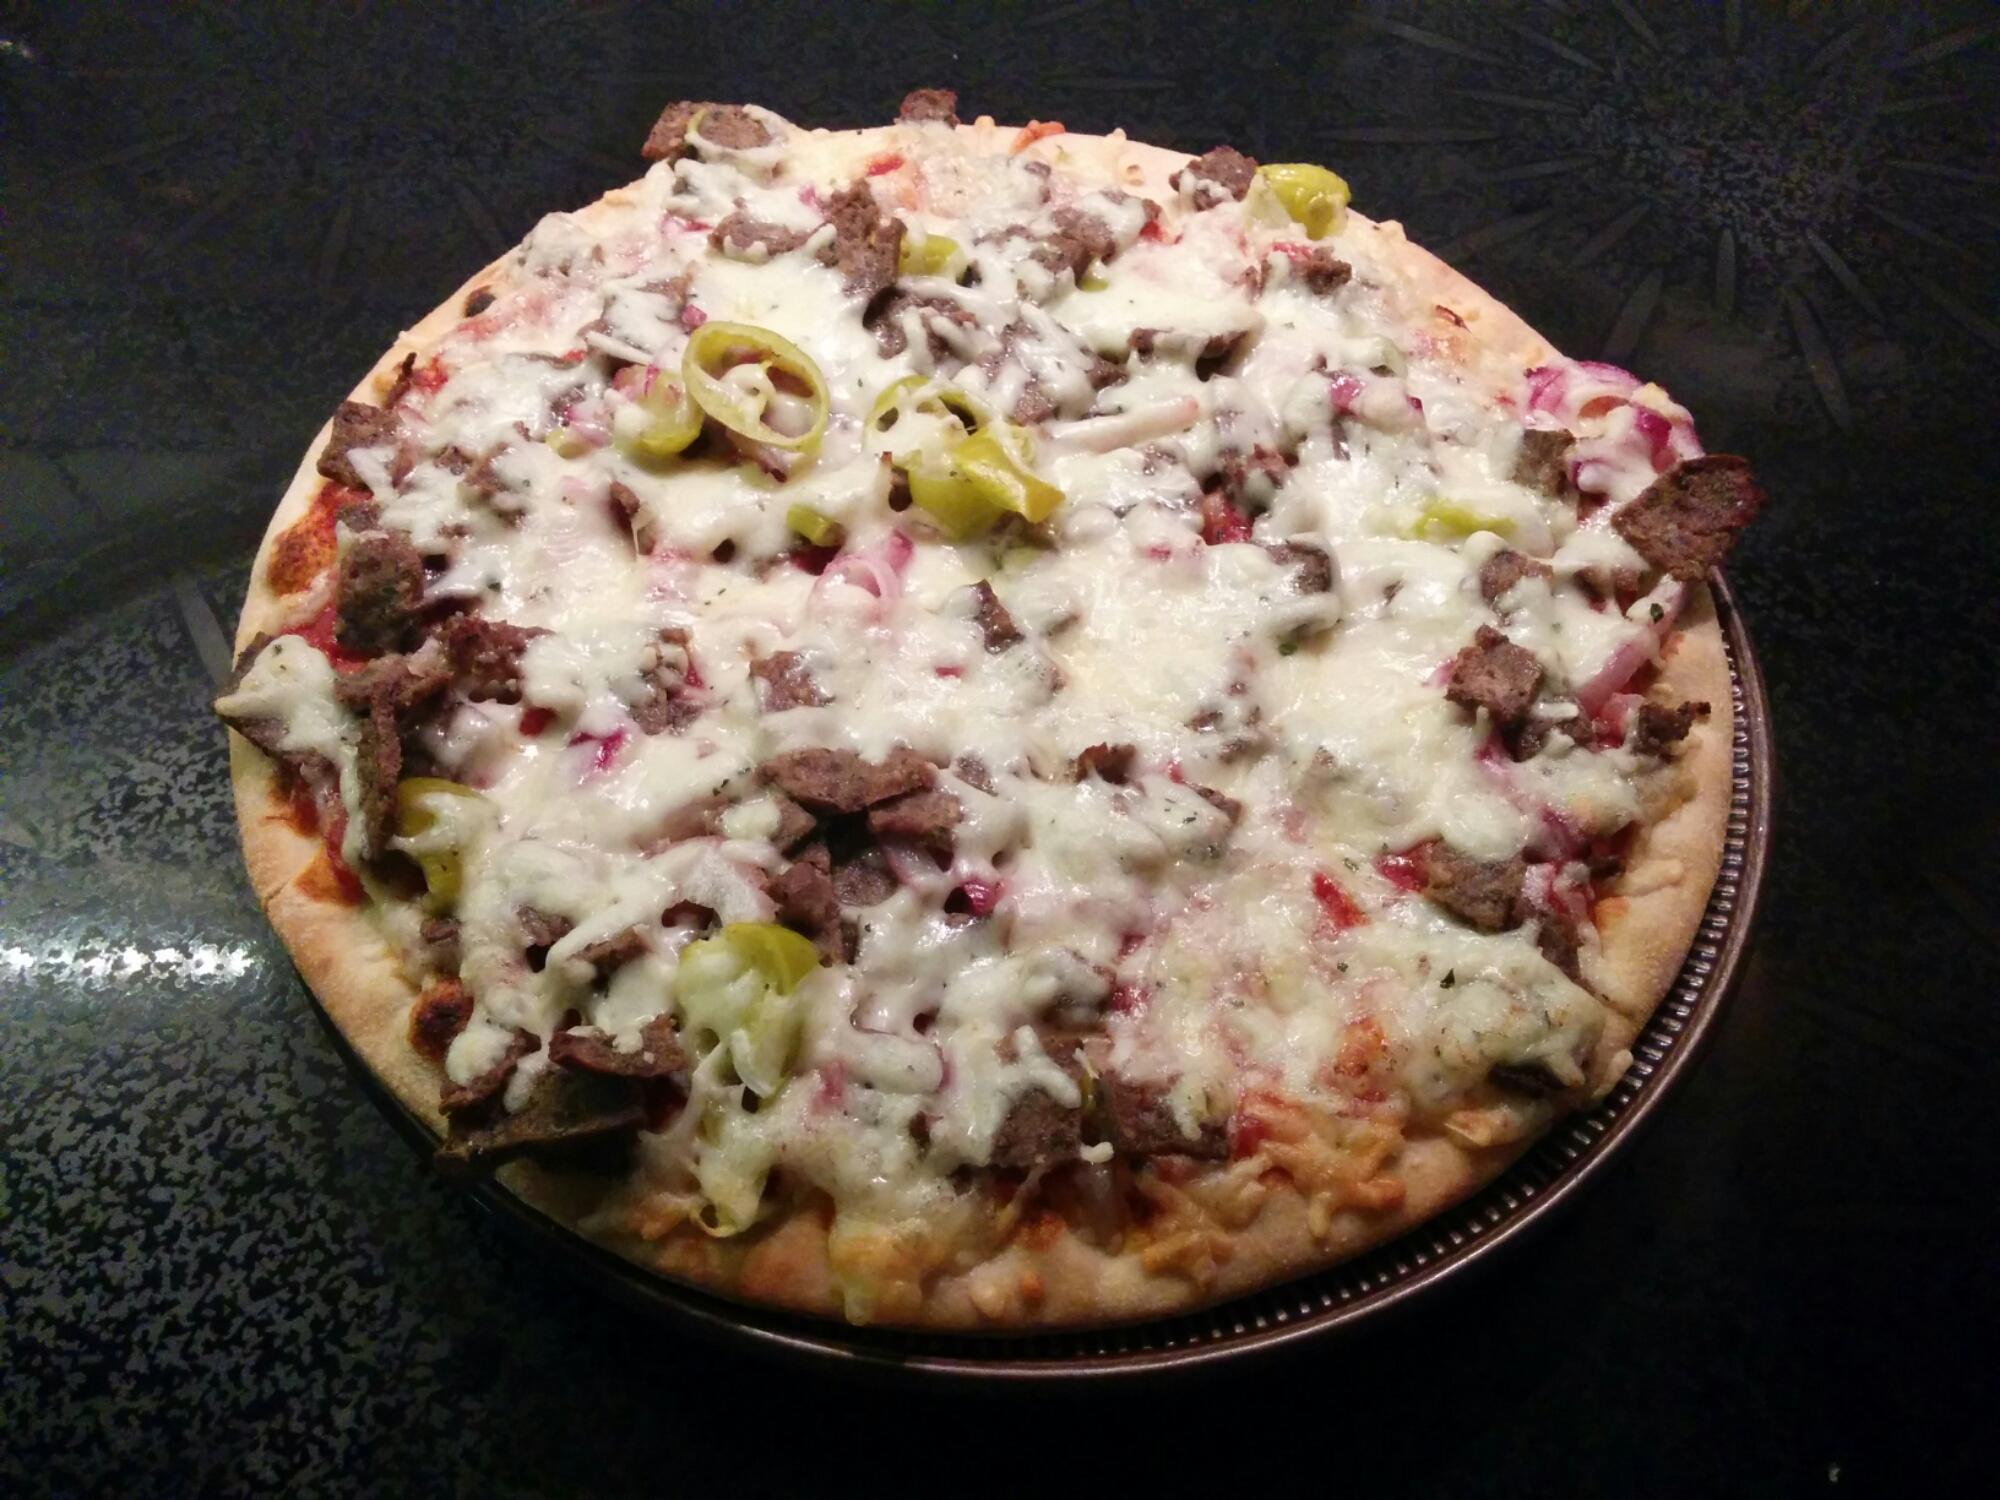 grandiosa pizza extra allt